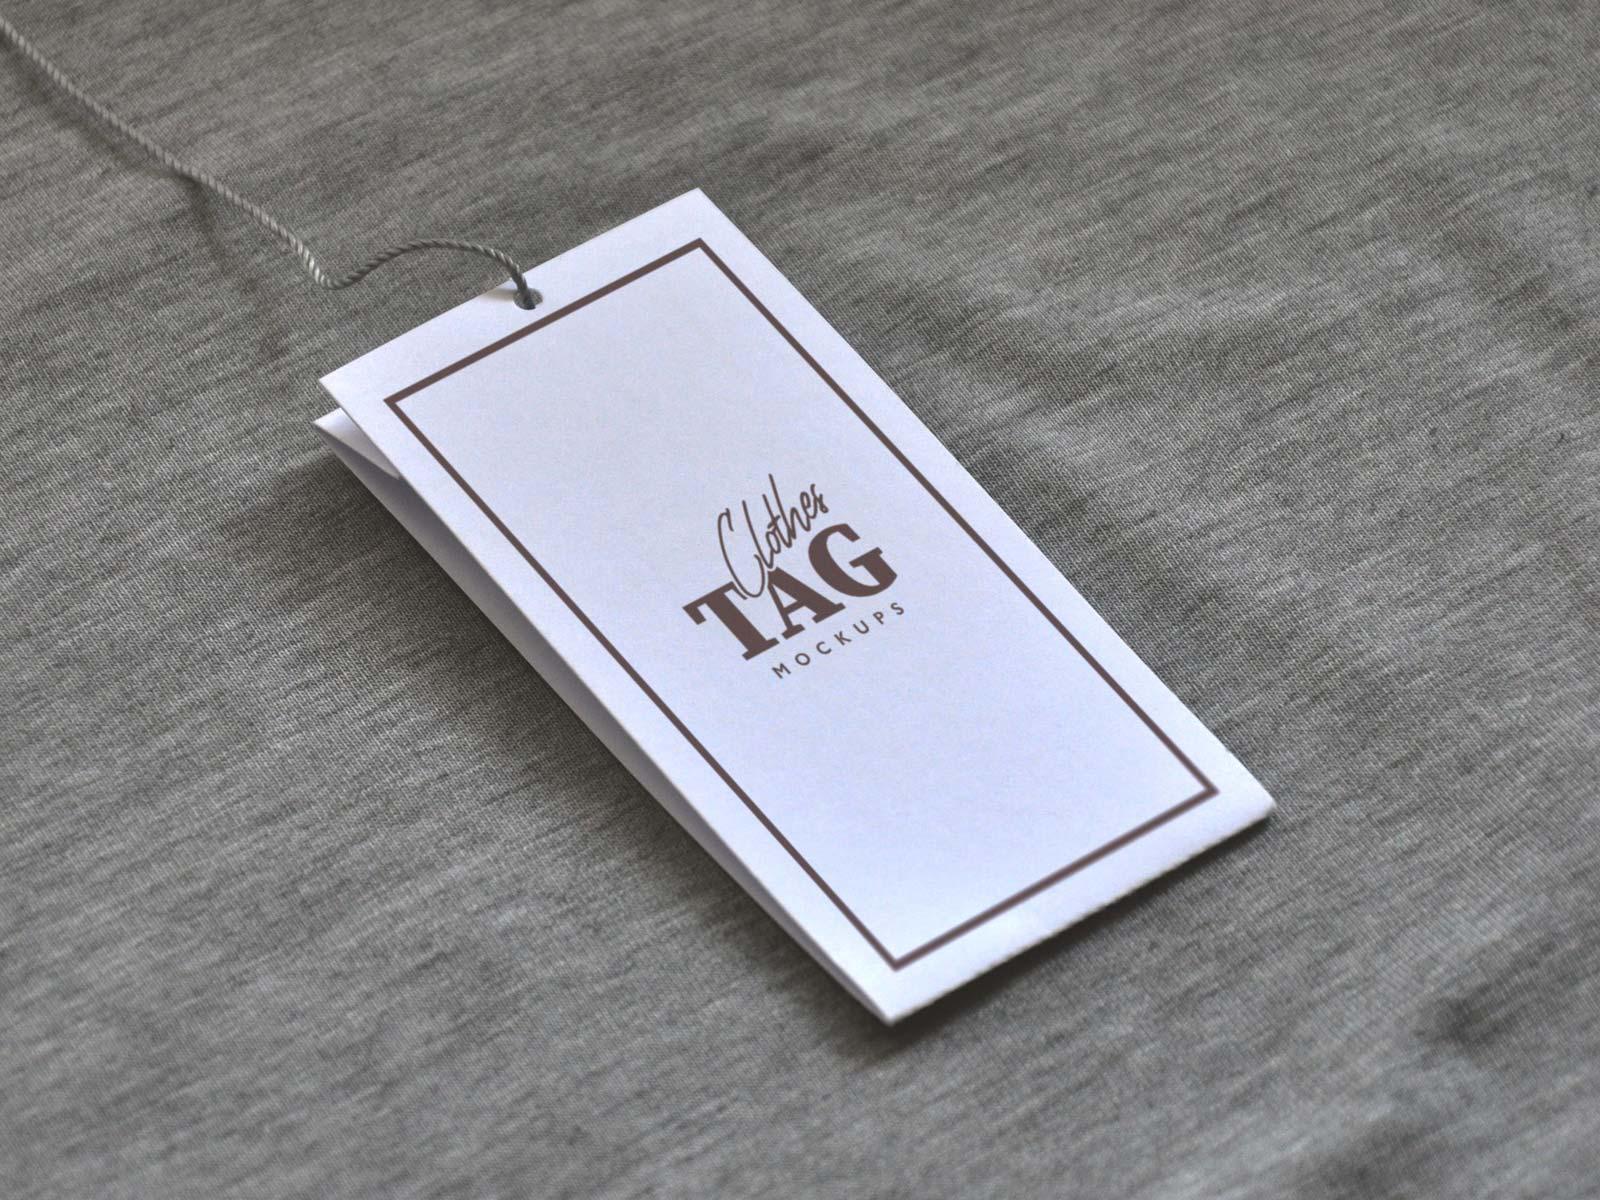 Free-Cloth-Label-Hang-Tag-Mockup